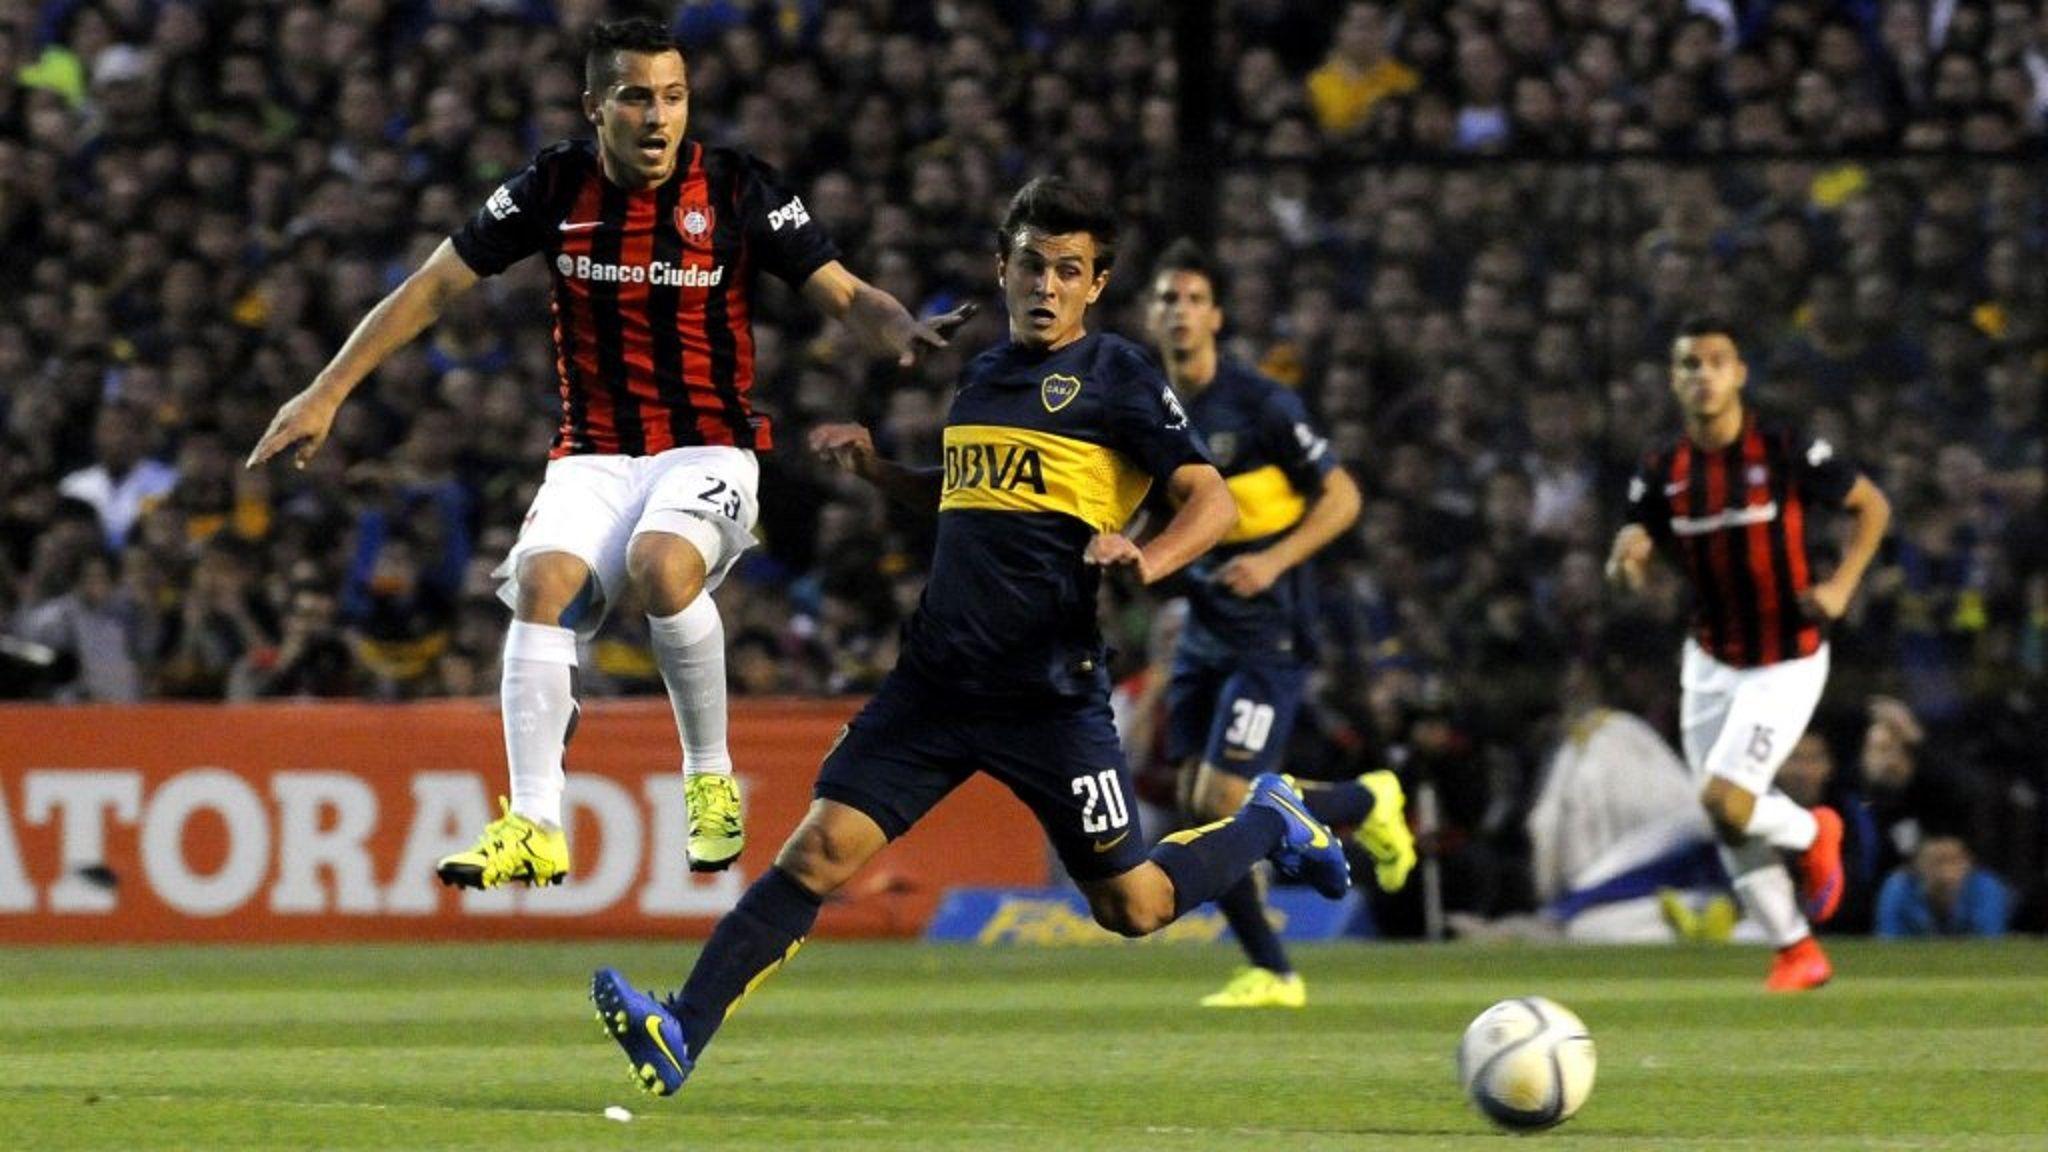 Nueva fecha para la Supercopa: Boca accedió y se jugará el 10 de febrero